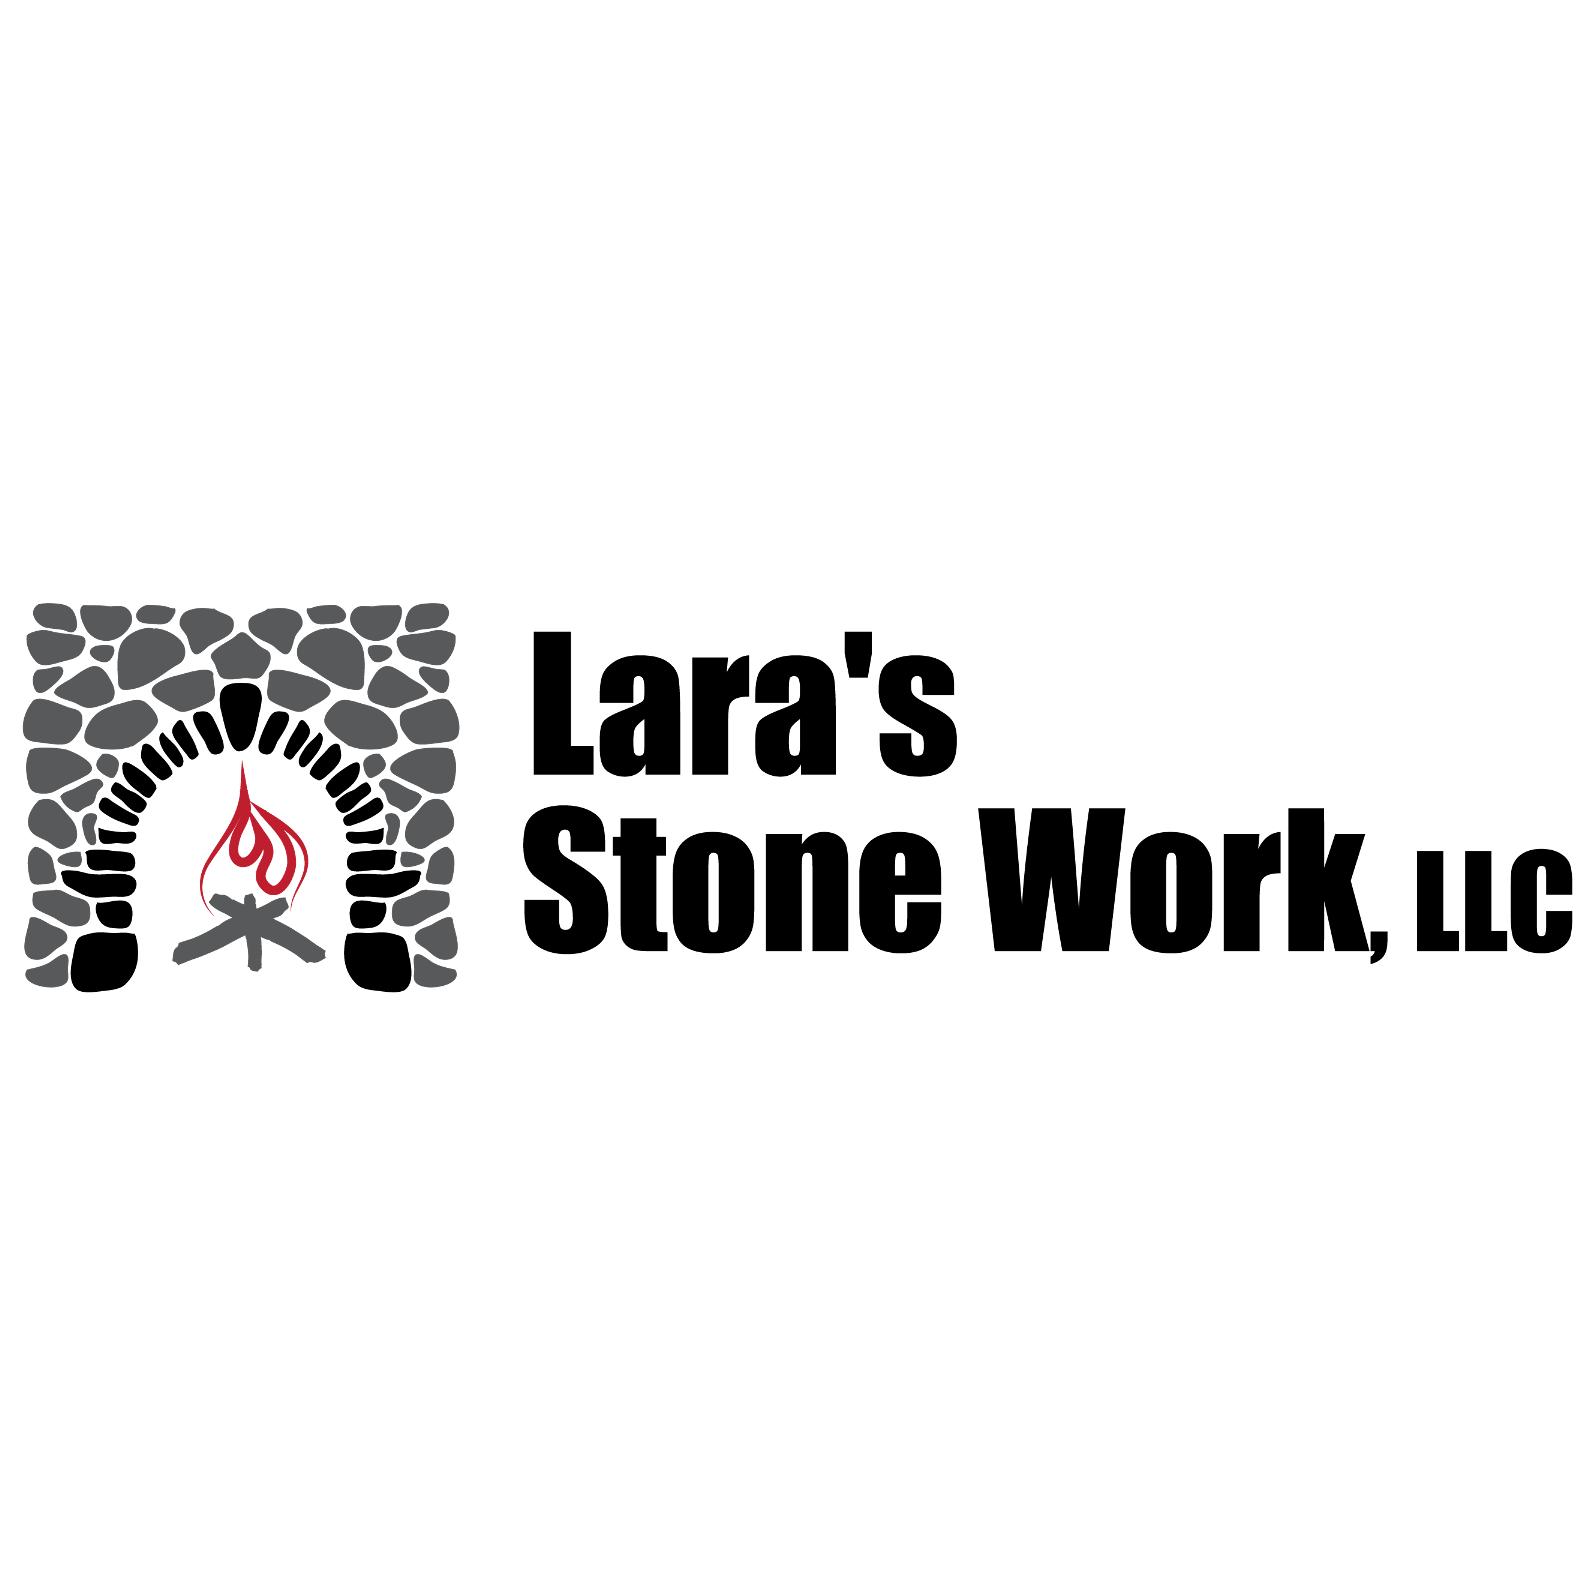 Lara's Stone Work